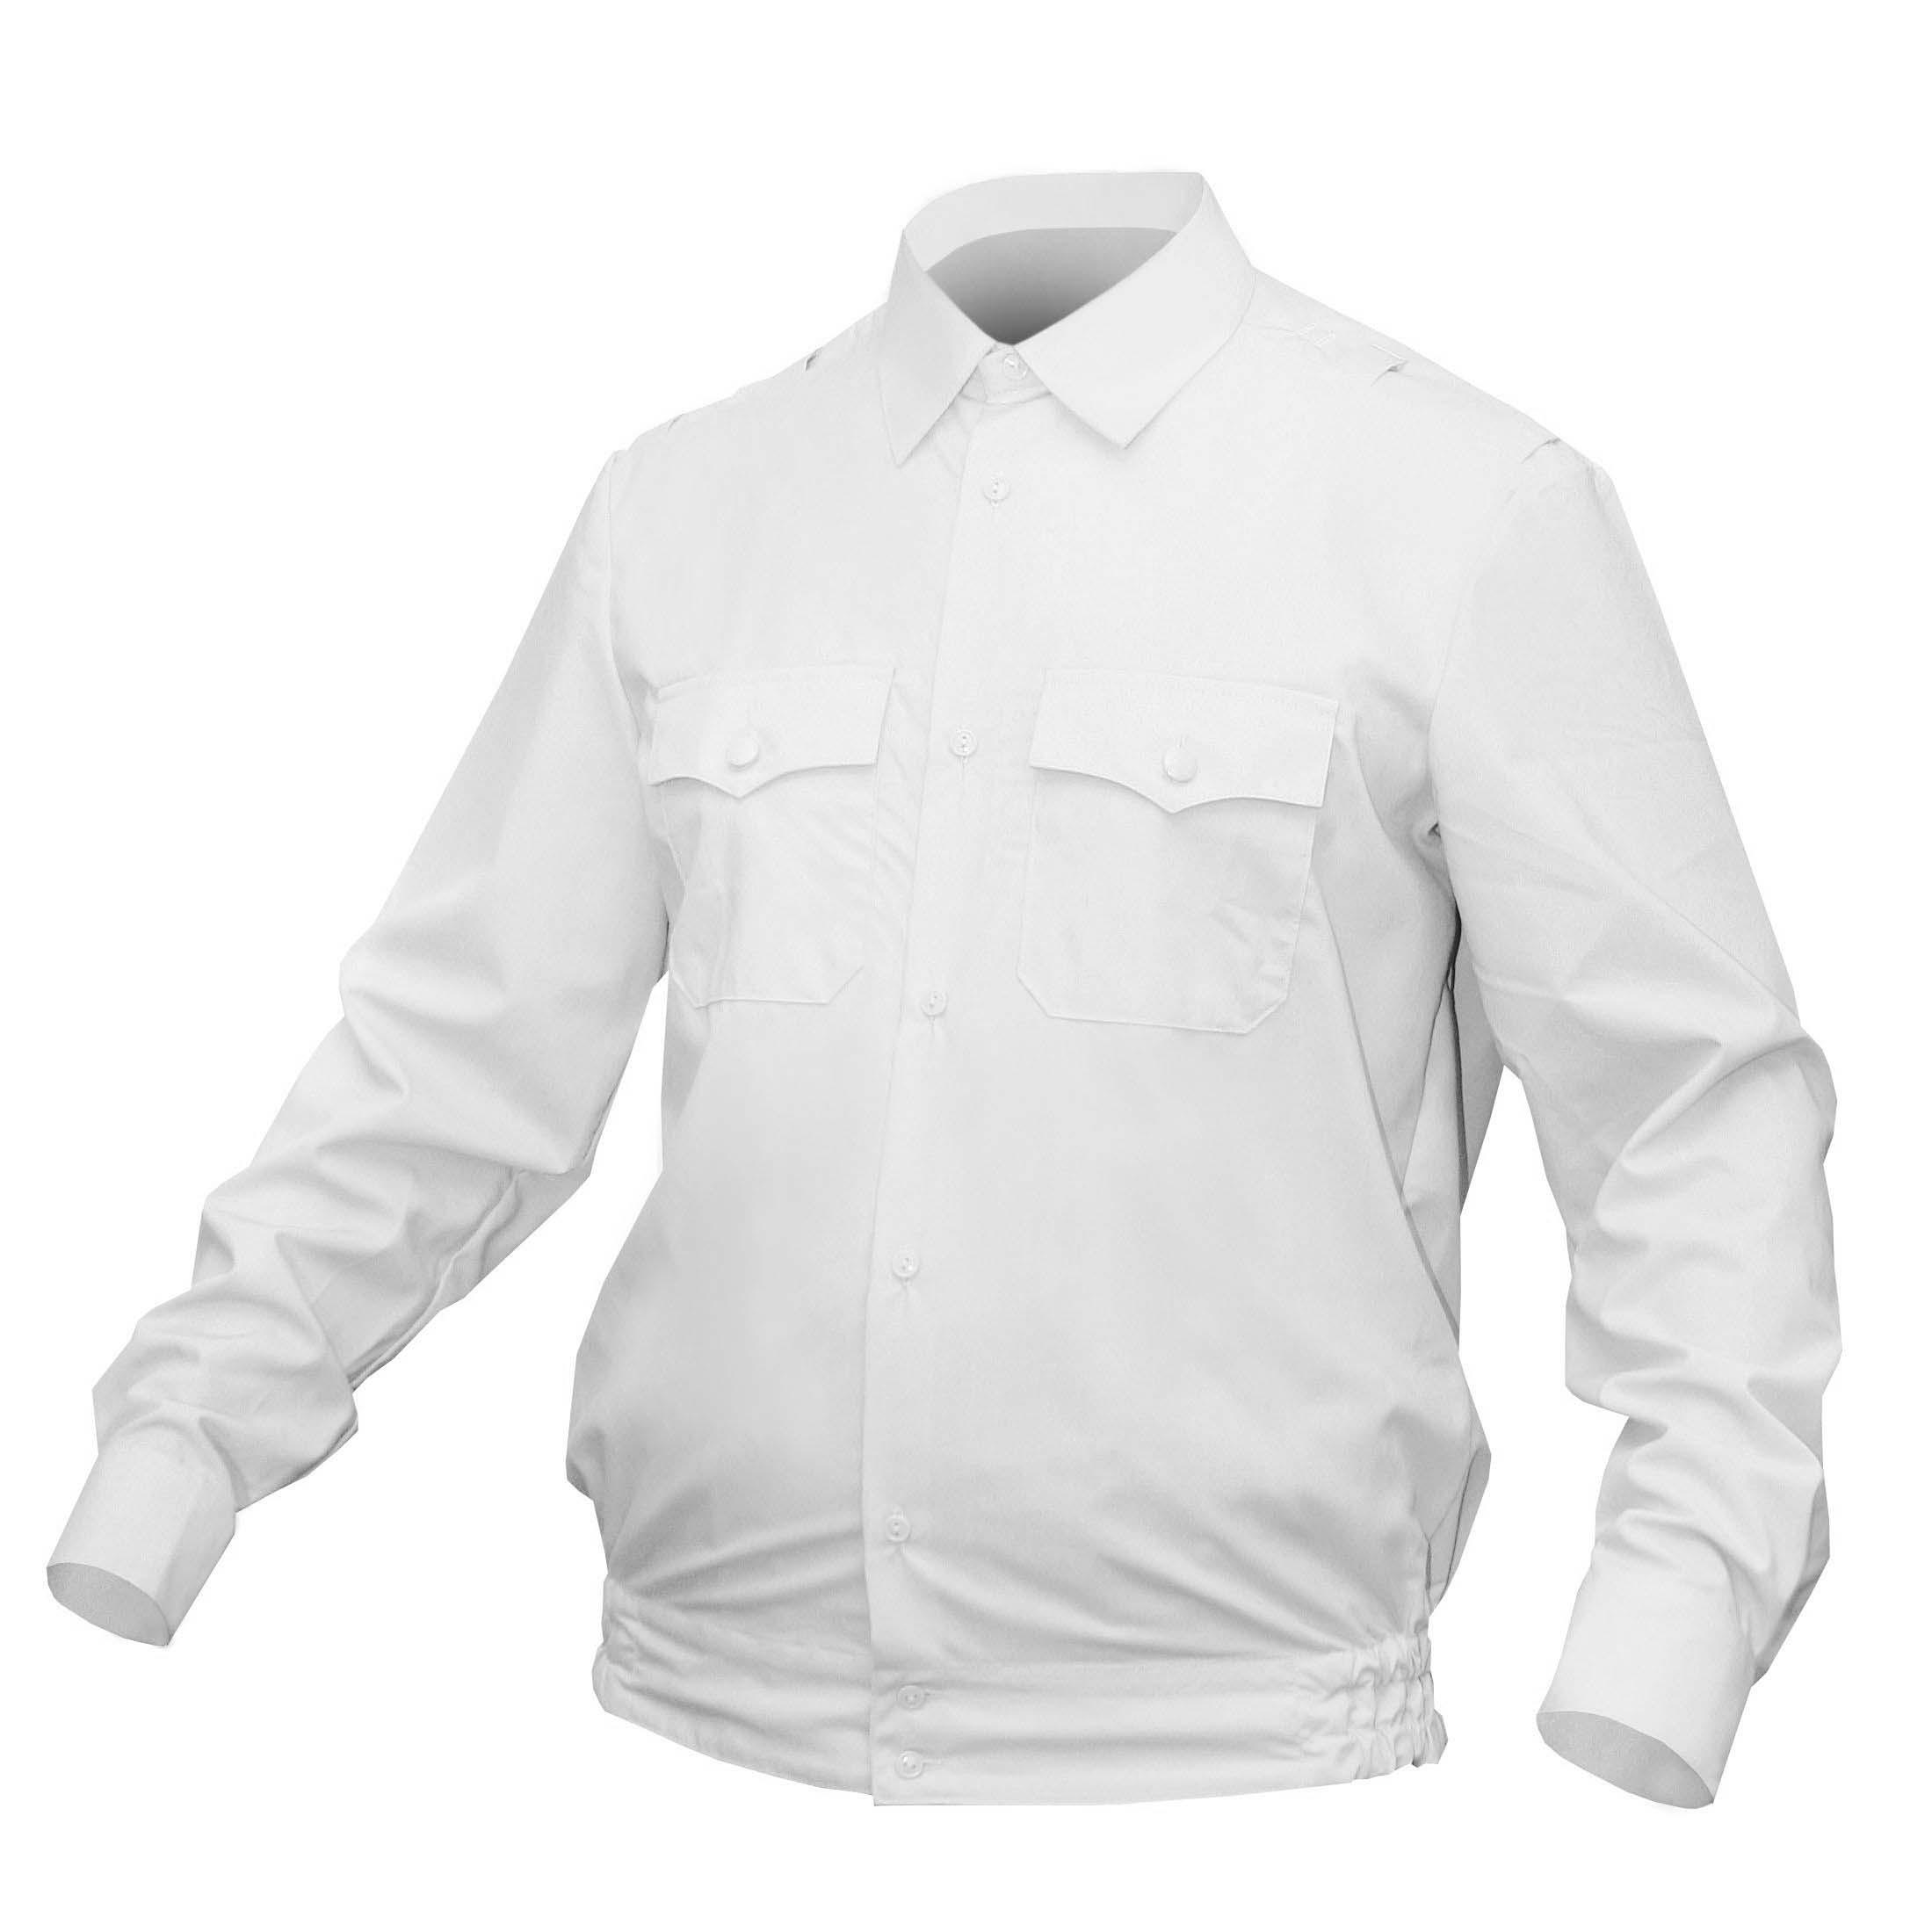 Рубашка Полиция белая длинный рукав